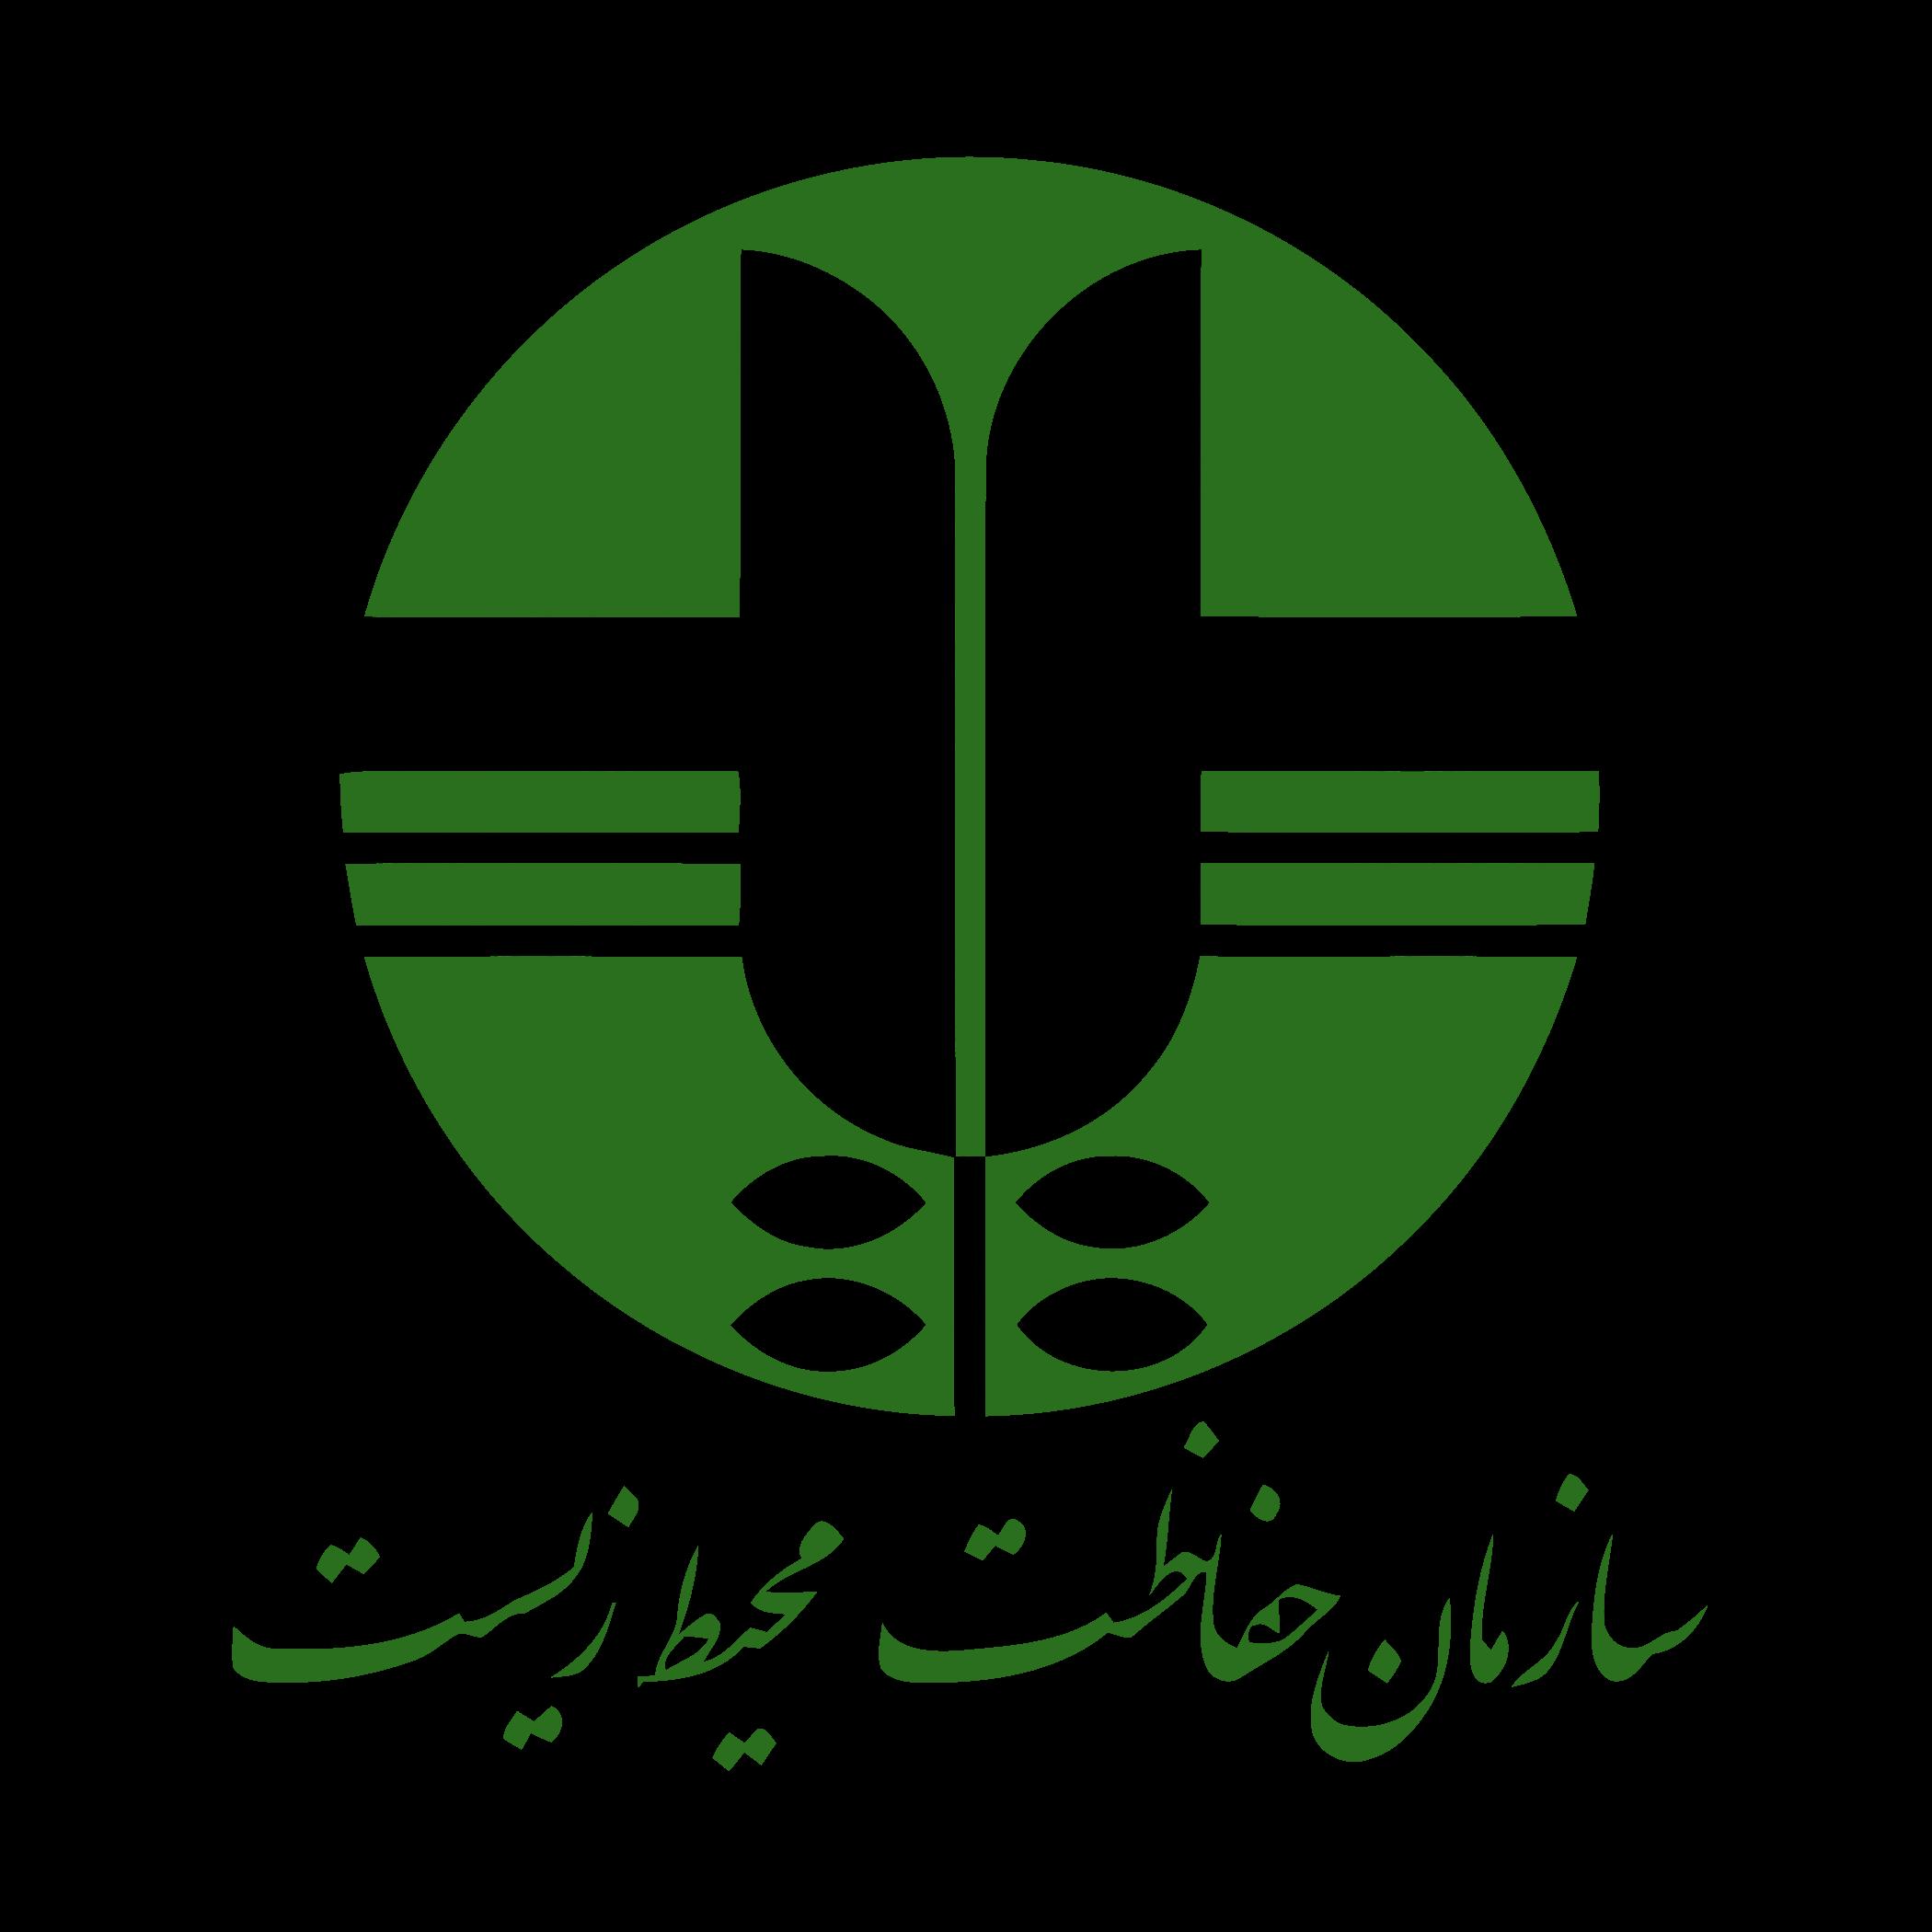 هشدار   مالچ پاشی غیرکارشناسانه ۸۰۰ هکتار از دشتهای زرخیز خوزستان / نابودی محیط زیست به بهانه مهار ریزگردها